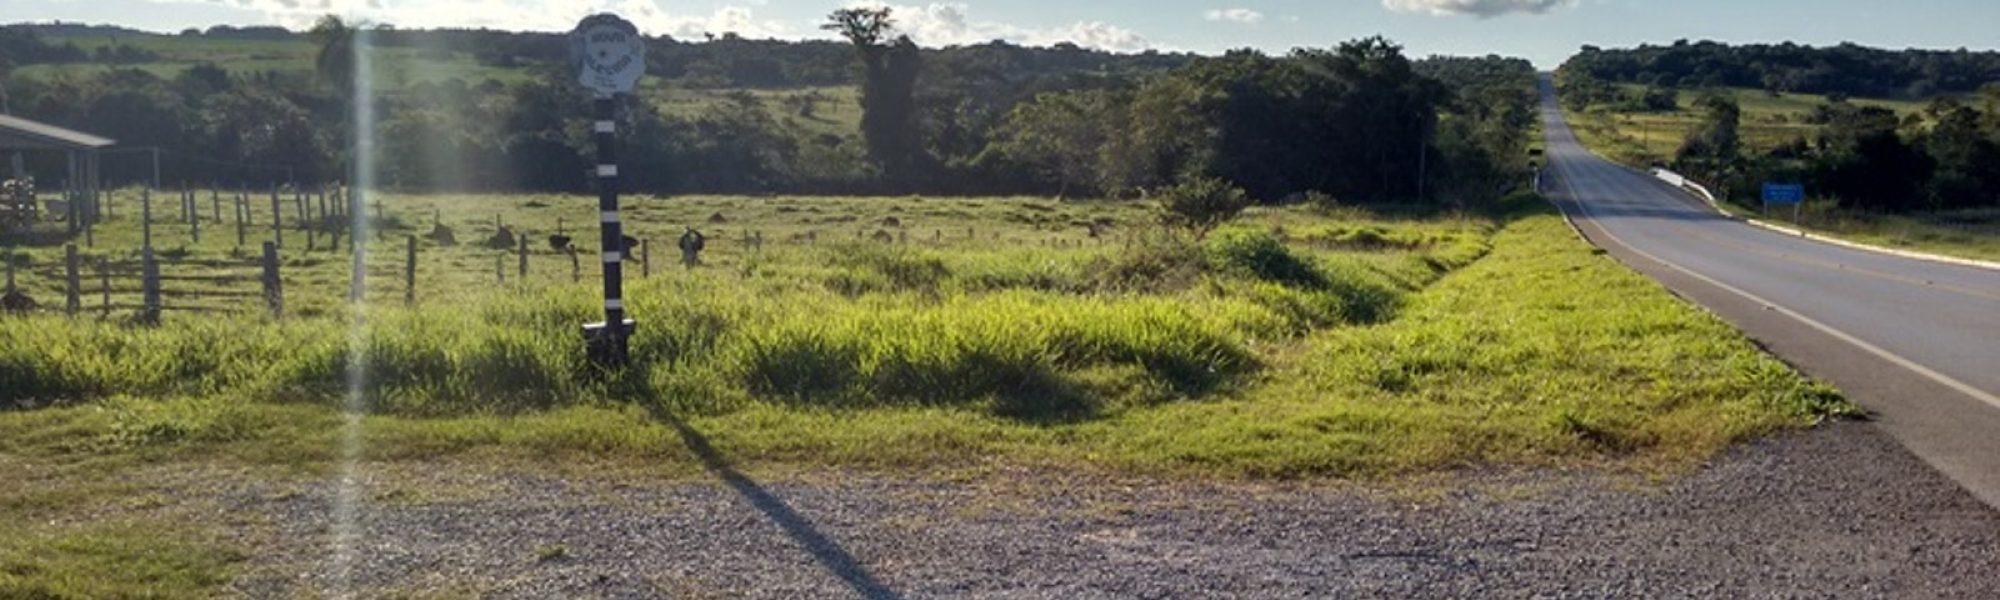 Chácara em Bonito MS com 32 hectares